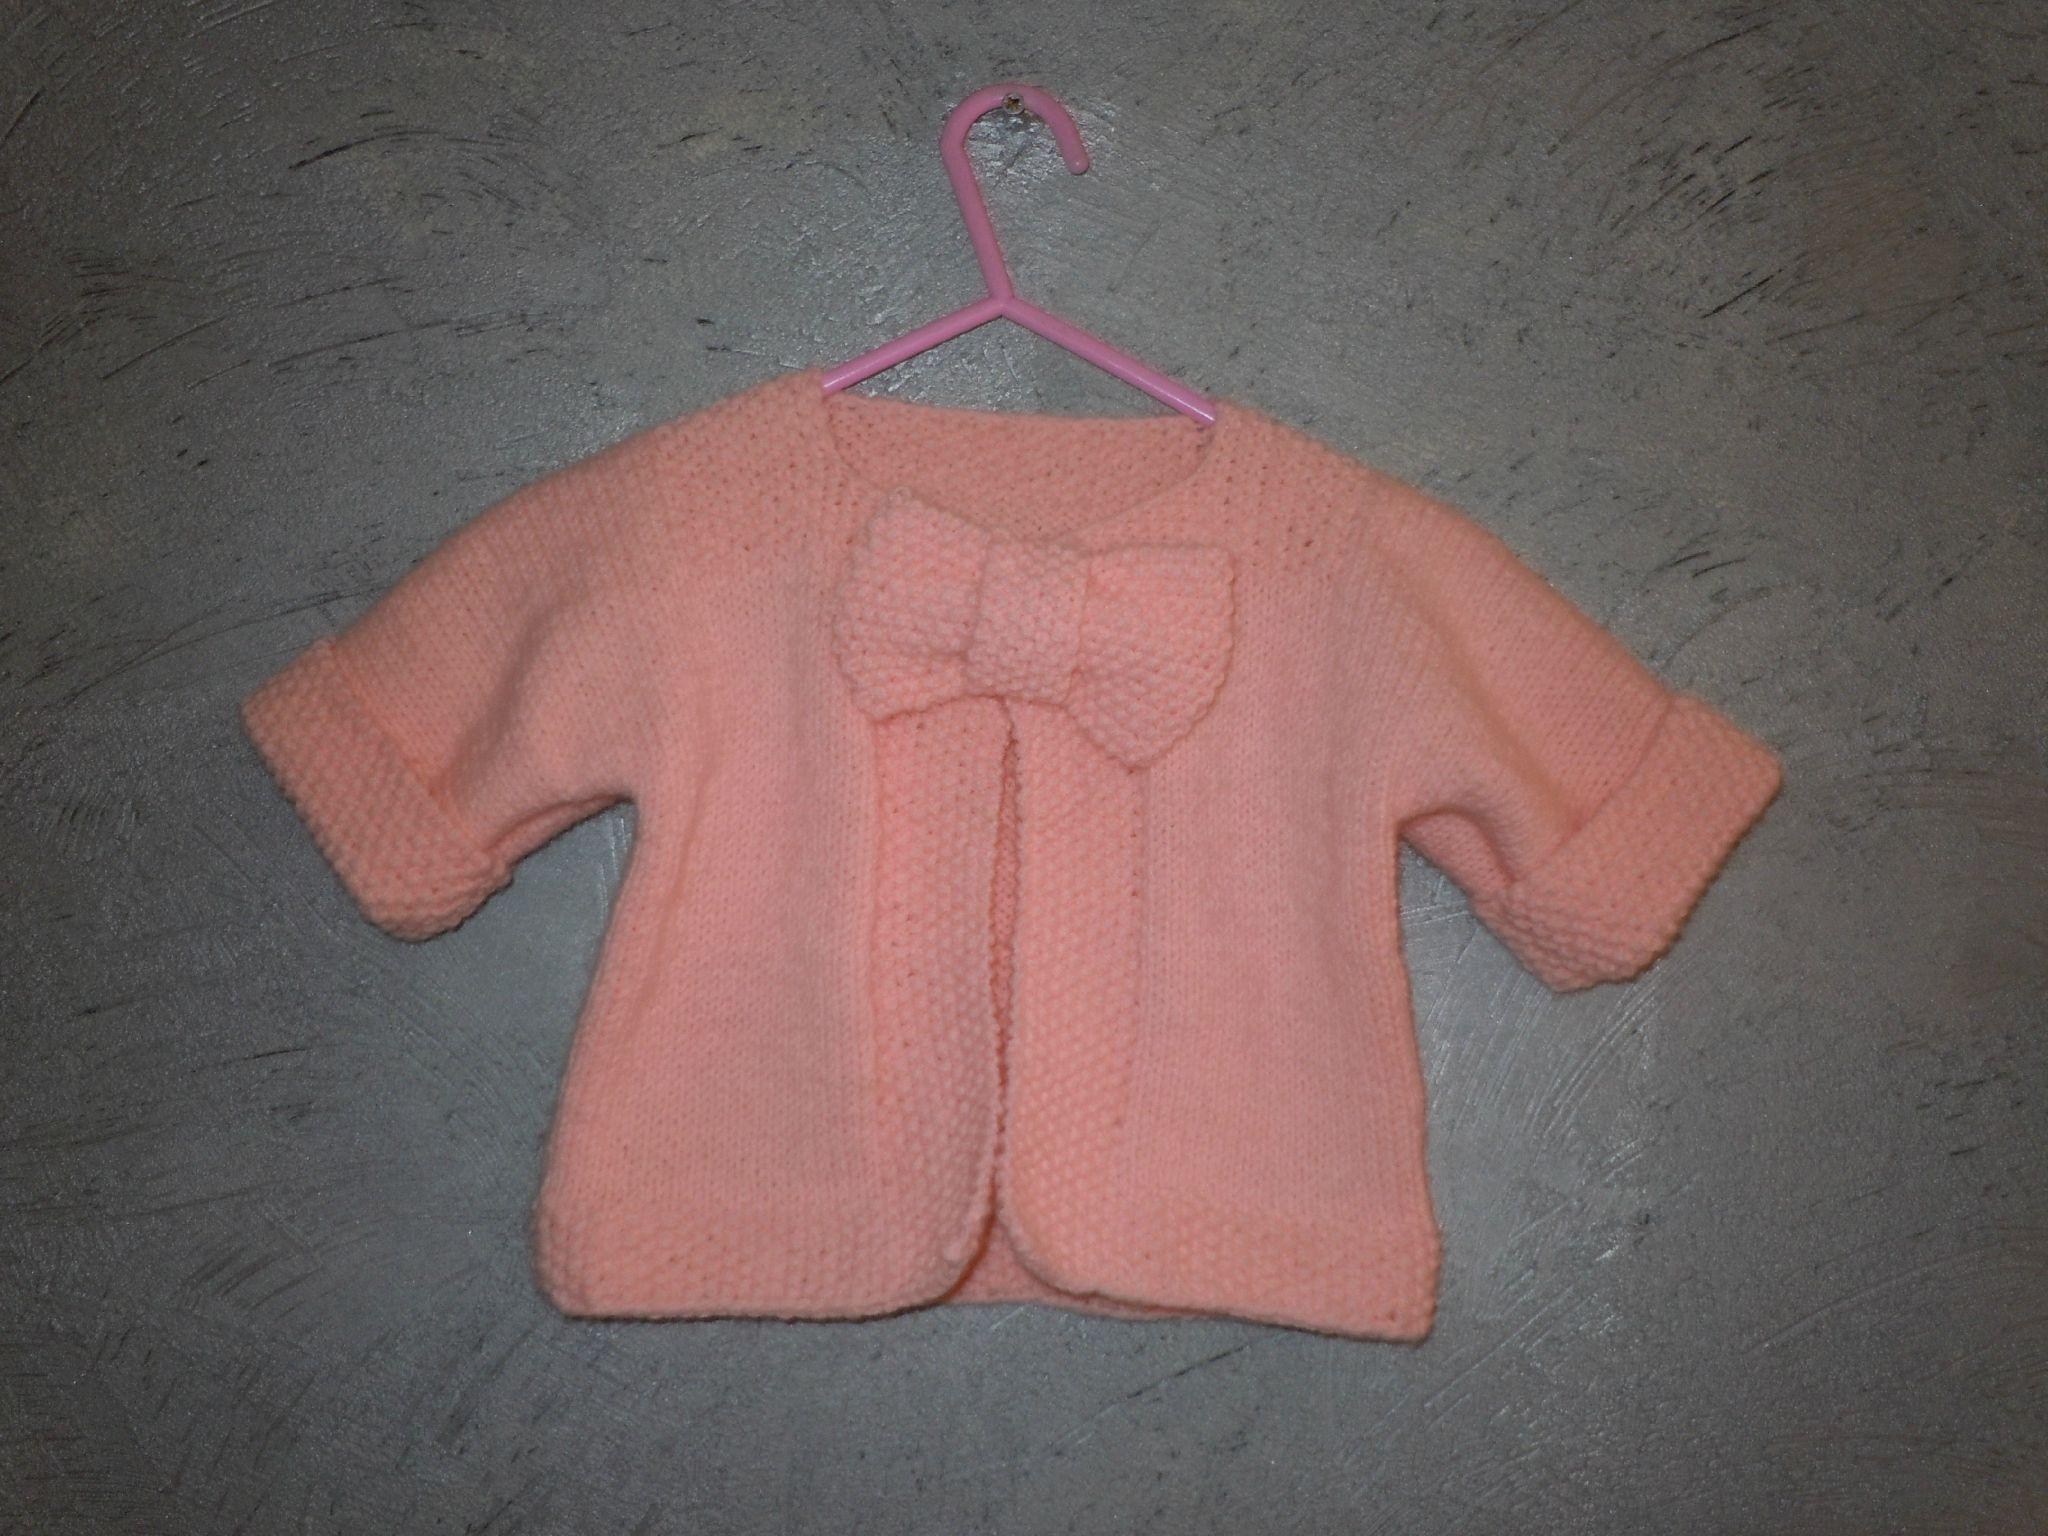 Modele de tricot enfant gratuit